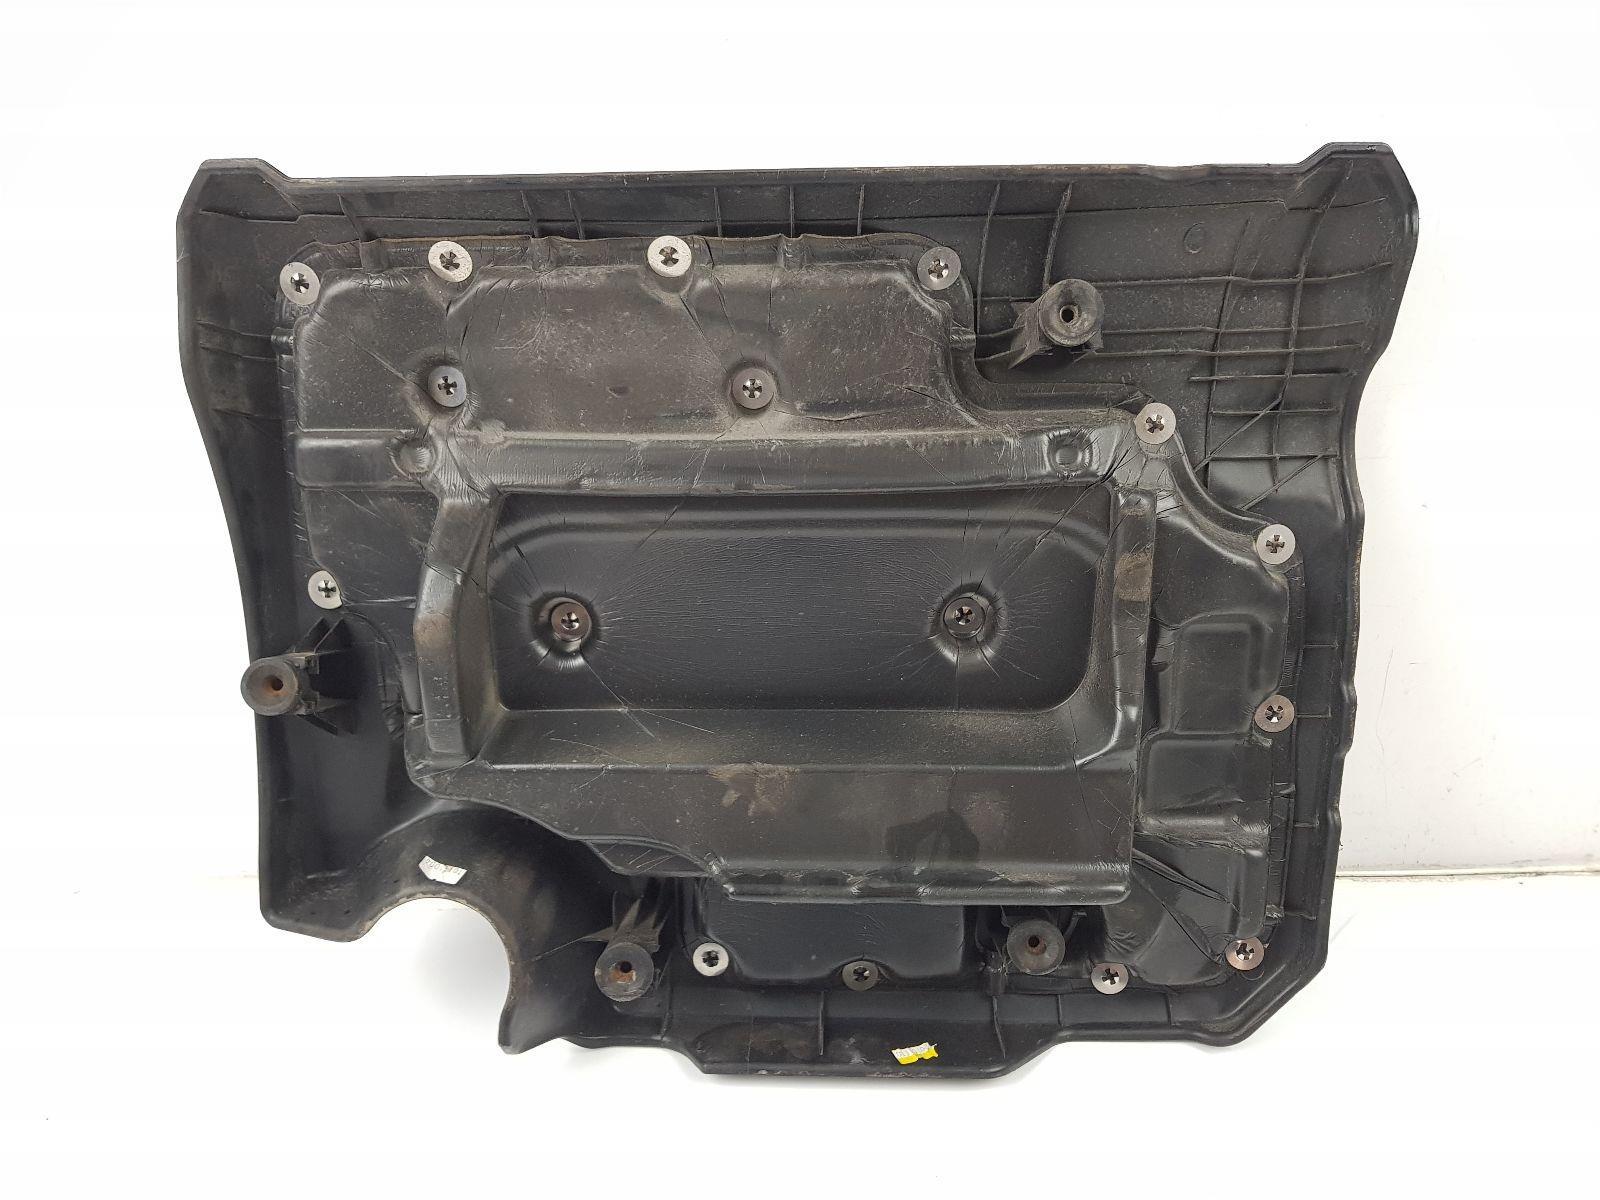 ... 2011 MK2 Kia Sorento ENGINE COVER 2.2 Diesel Black ...